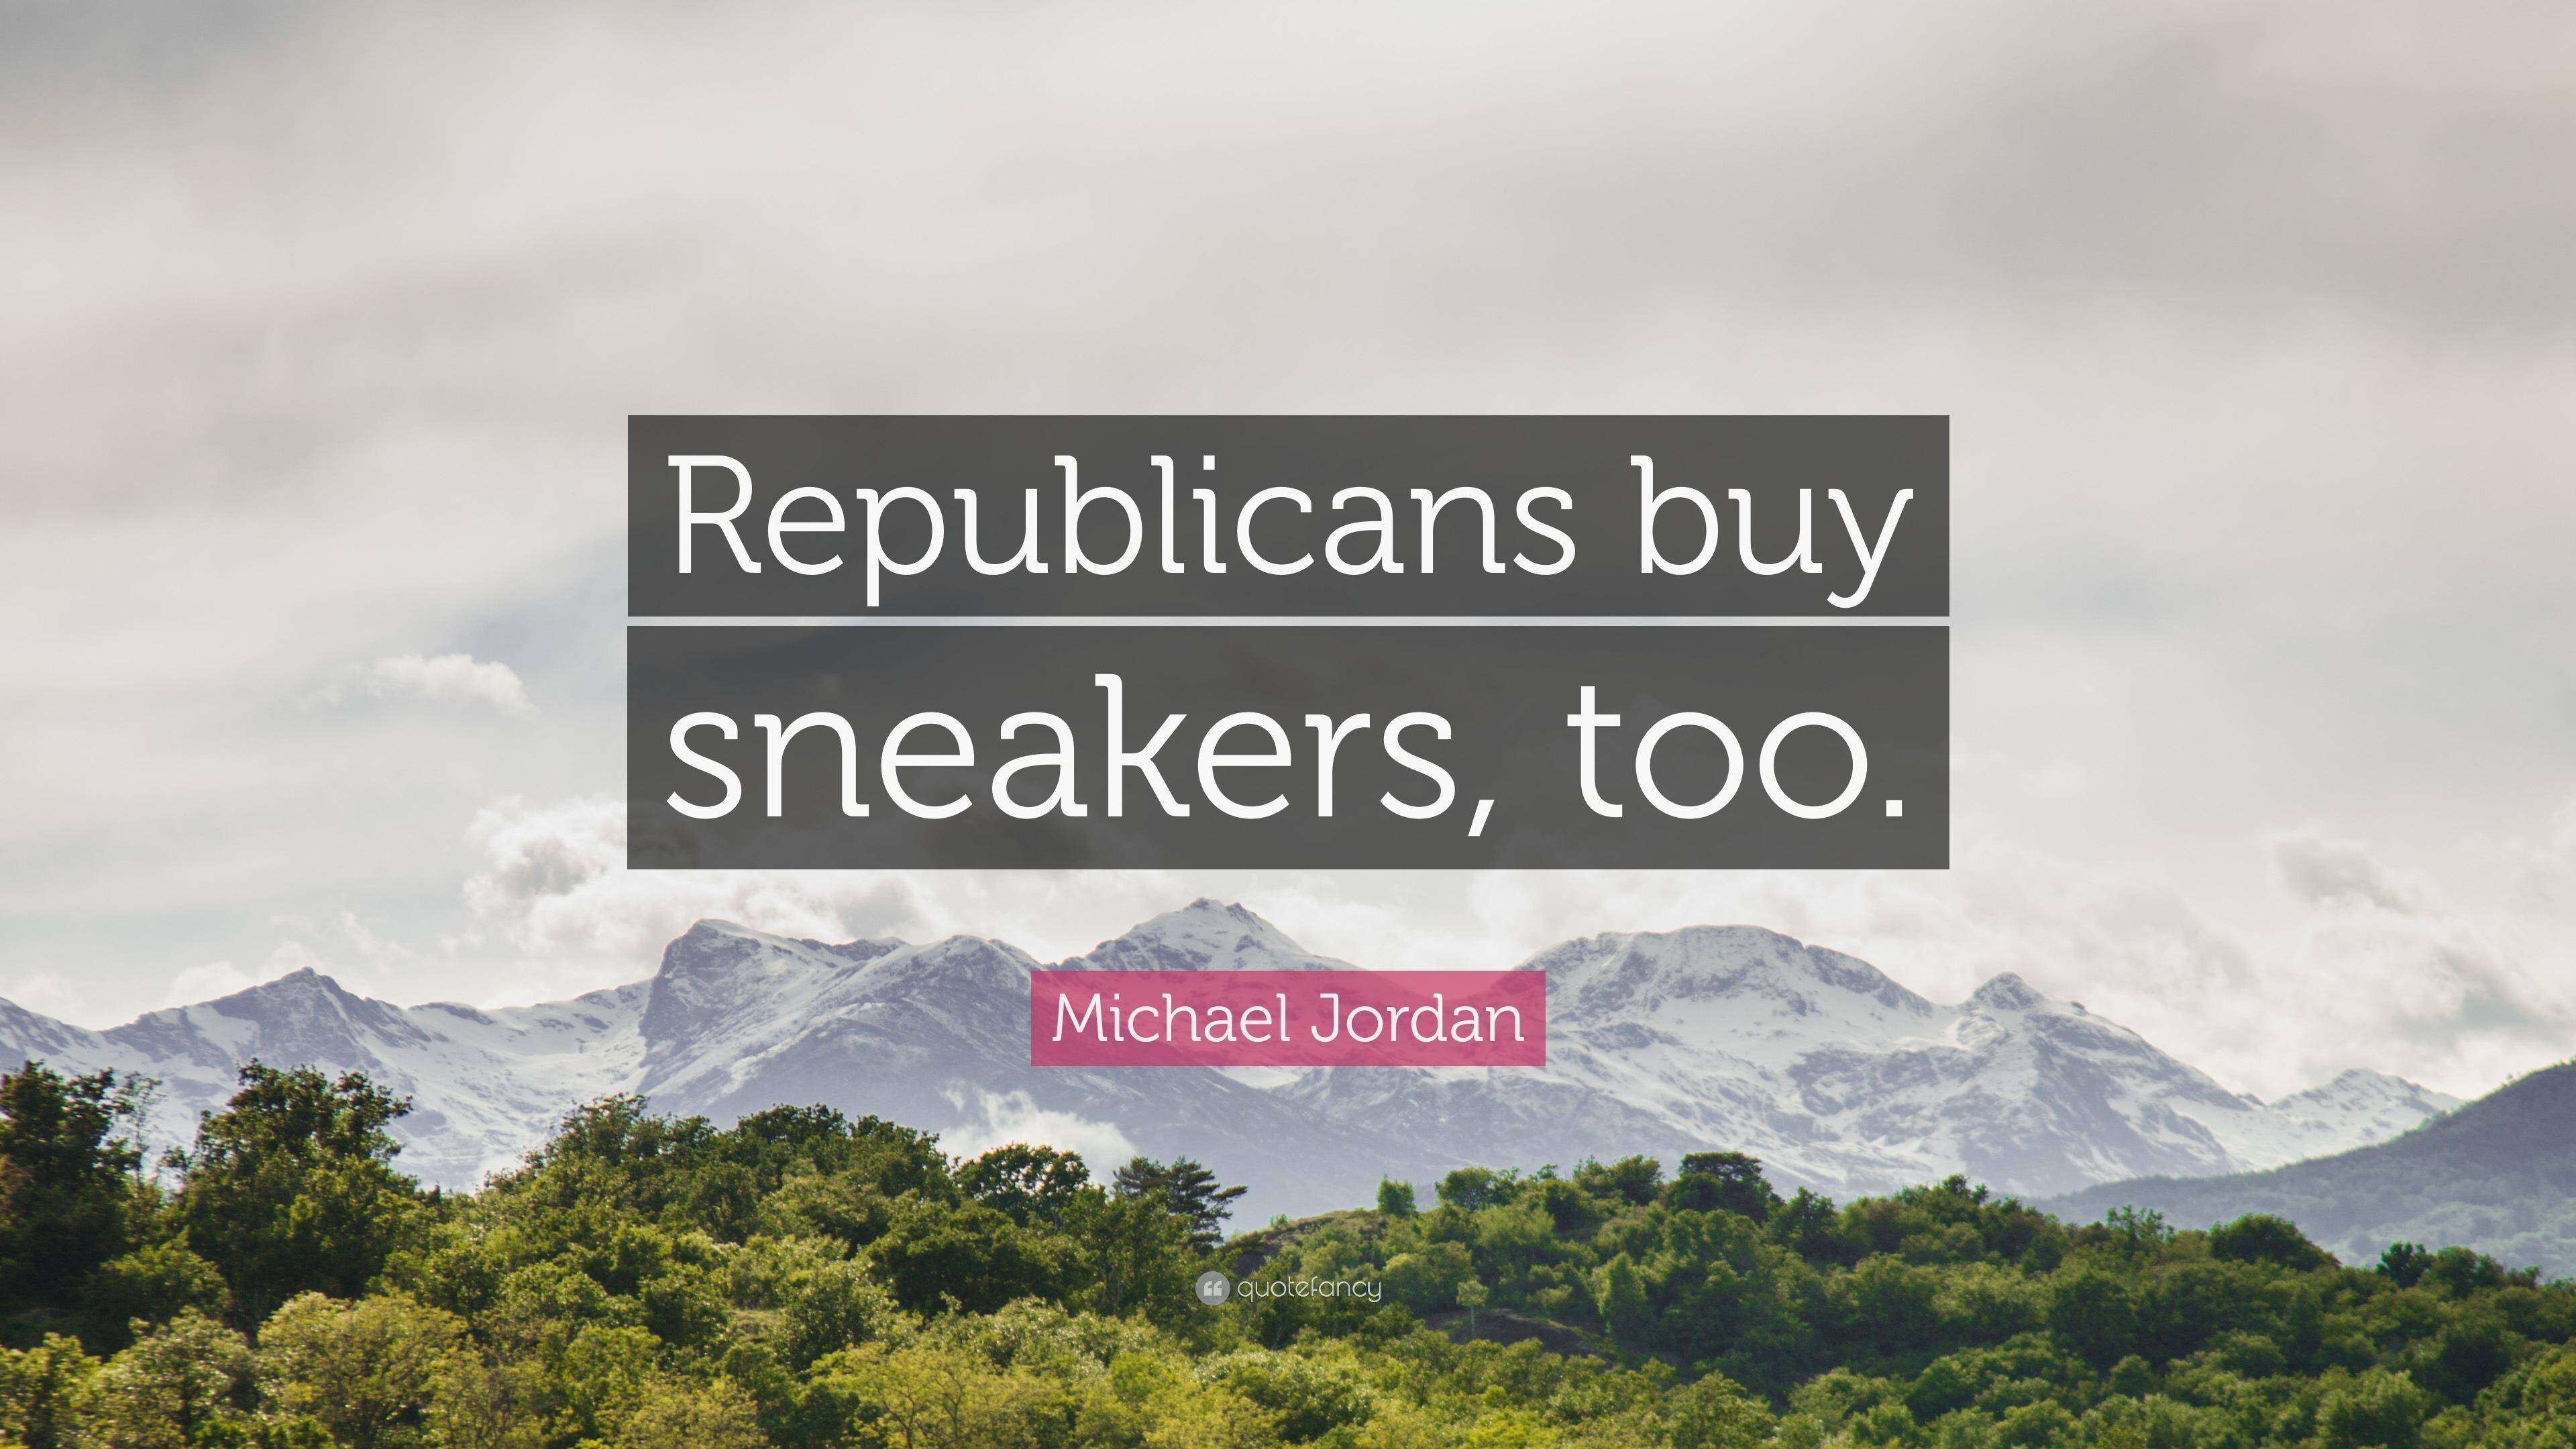 michael jordan republicans buy sneakers to